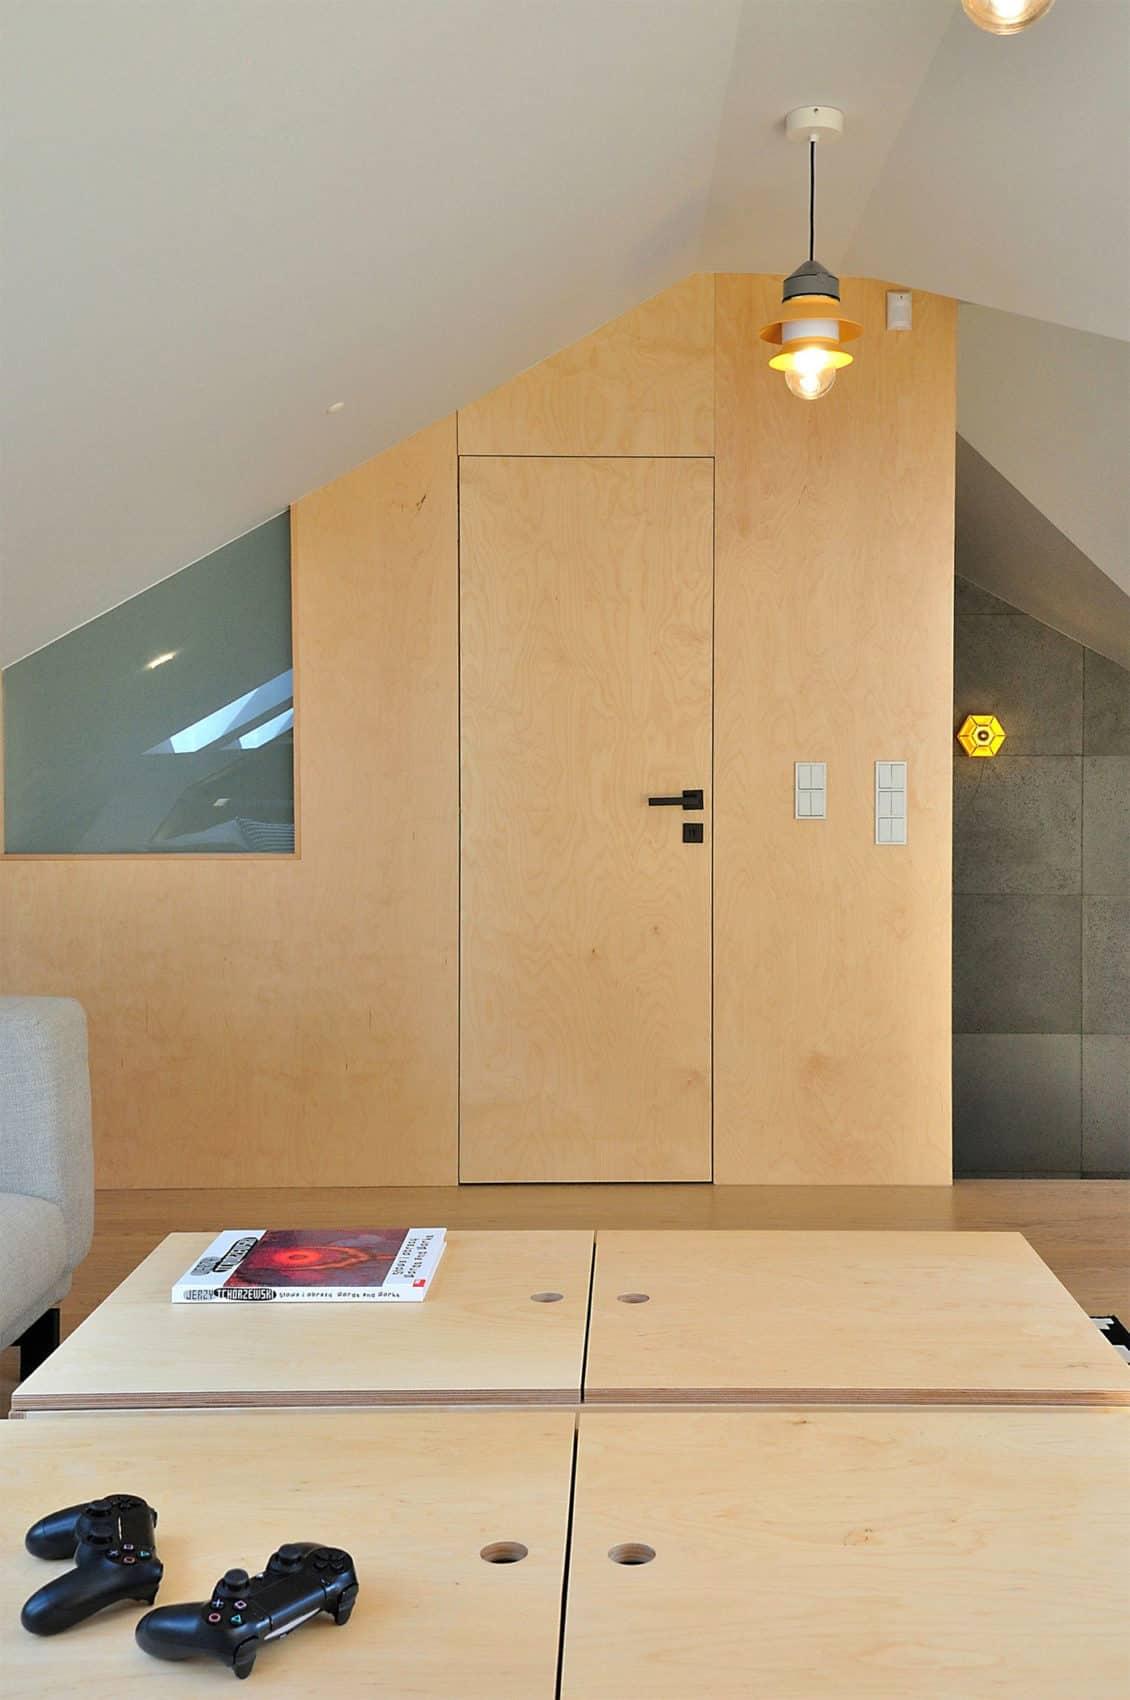 Apartment in Gdansk by Ministerstwo Spraw We Wnętrzach (10)